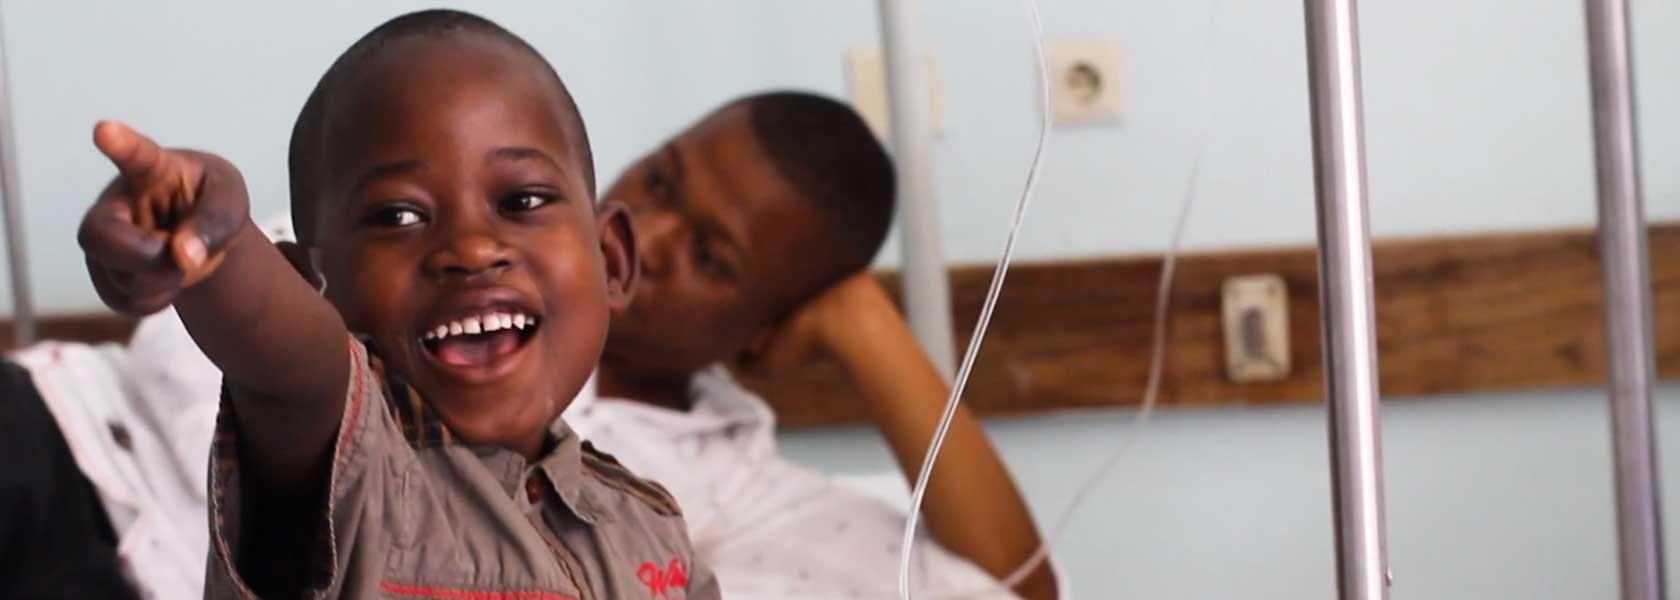 Patients in Tanzania